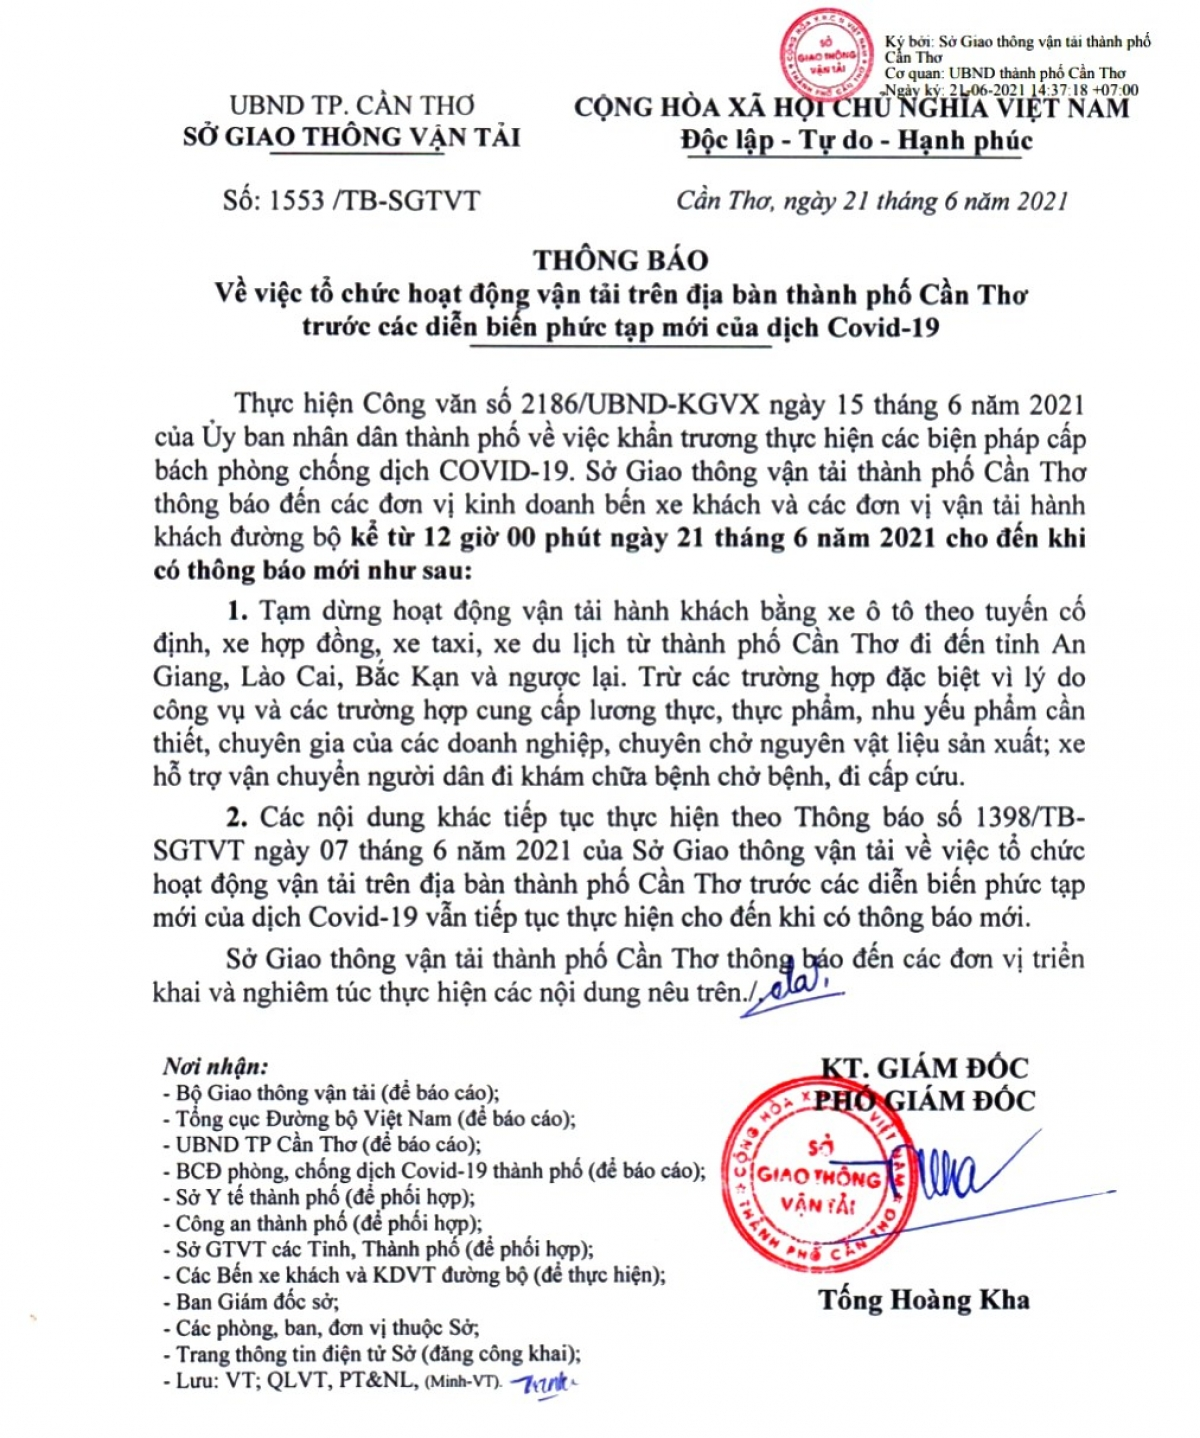 Hôm nay (21/6), Sở GTVT thành phố Cần Thơ có thông báo tạm dừng hoạt động vận tải hành khách từ thành phố Cần Thơ đến các tỉnh An Giang, Lào Cai, Bắc Kạn và ngược lại.